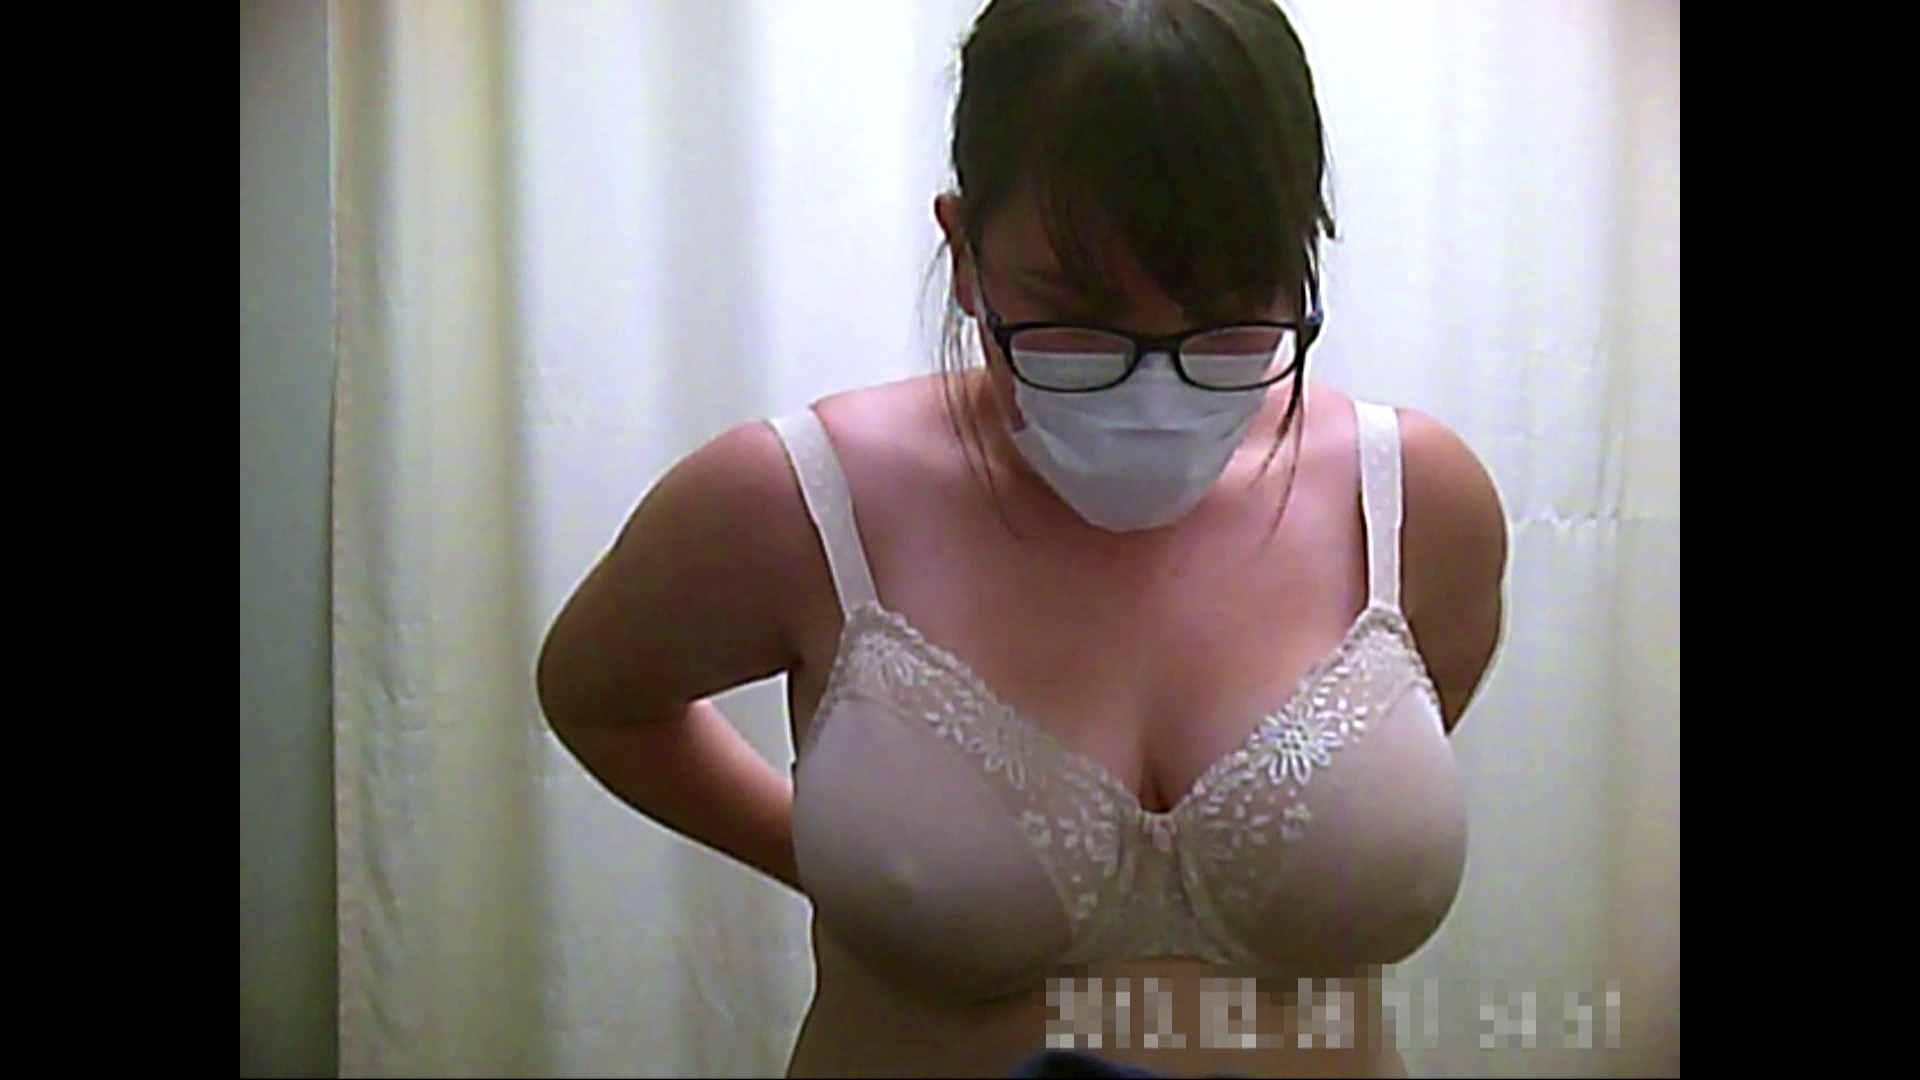 元医者による反抗 更衣室地獄絵巻 vol.148 OLのボディ  62PIX 16